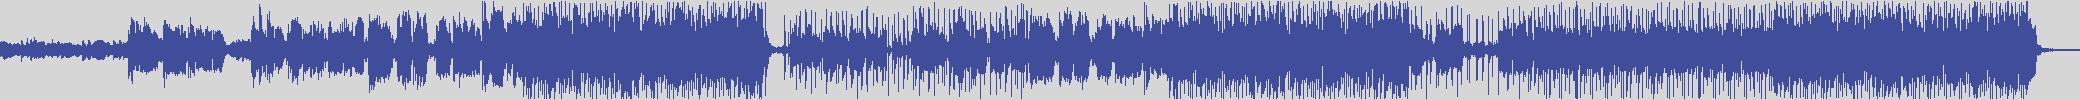 gold_hit_records [GHR005] Maria Zanoletti - Ballalo Lento [Radio Edit] audio wave form